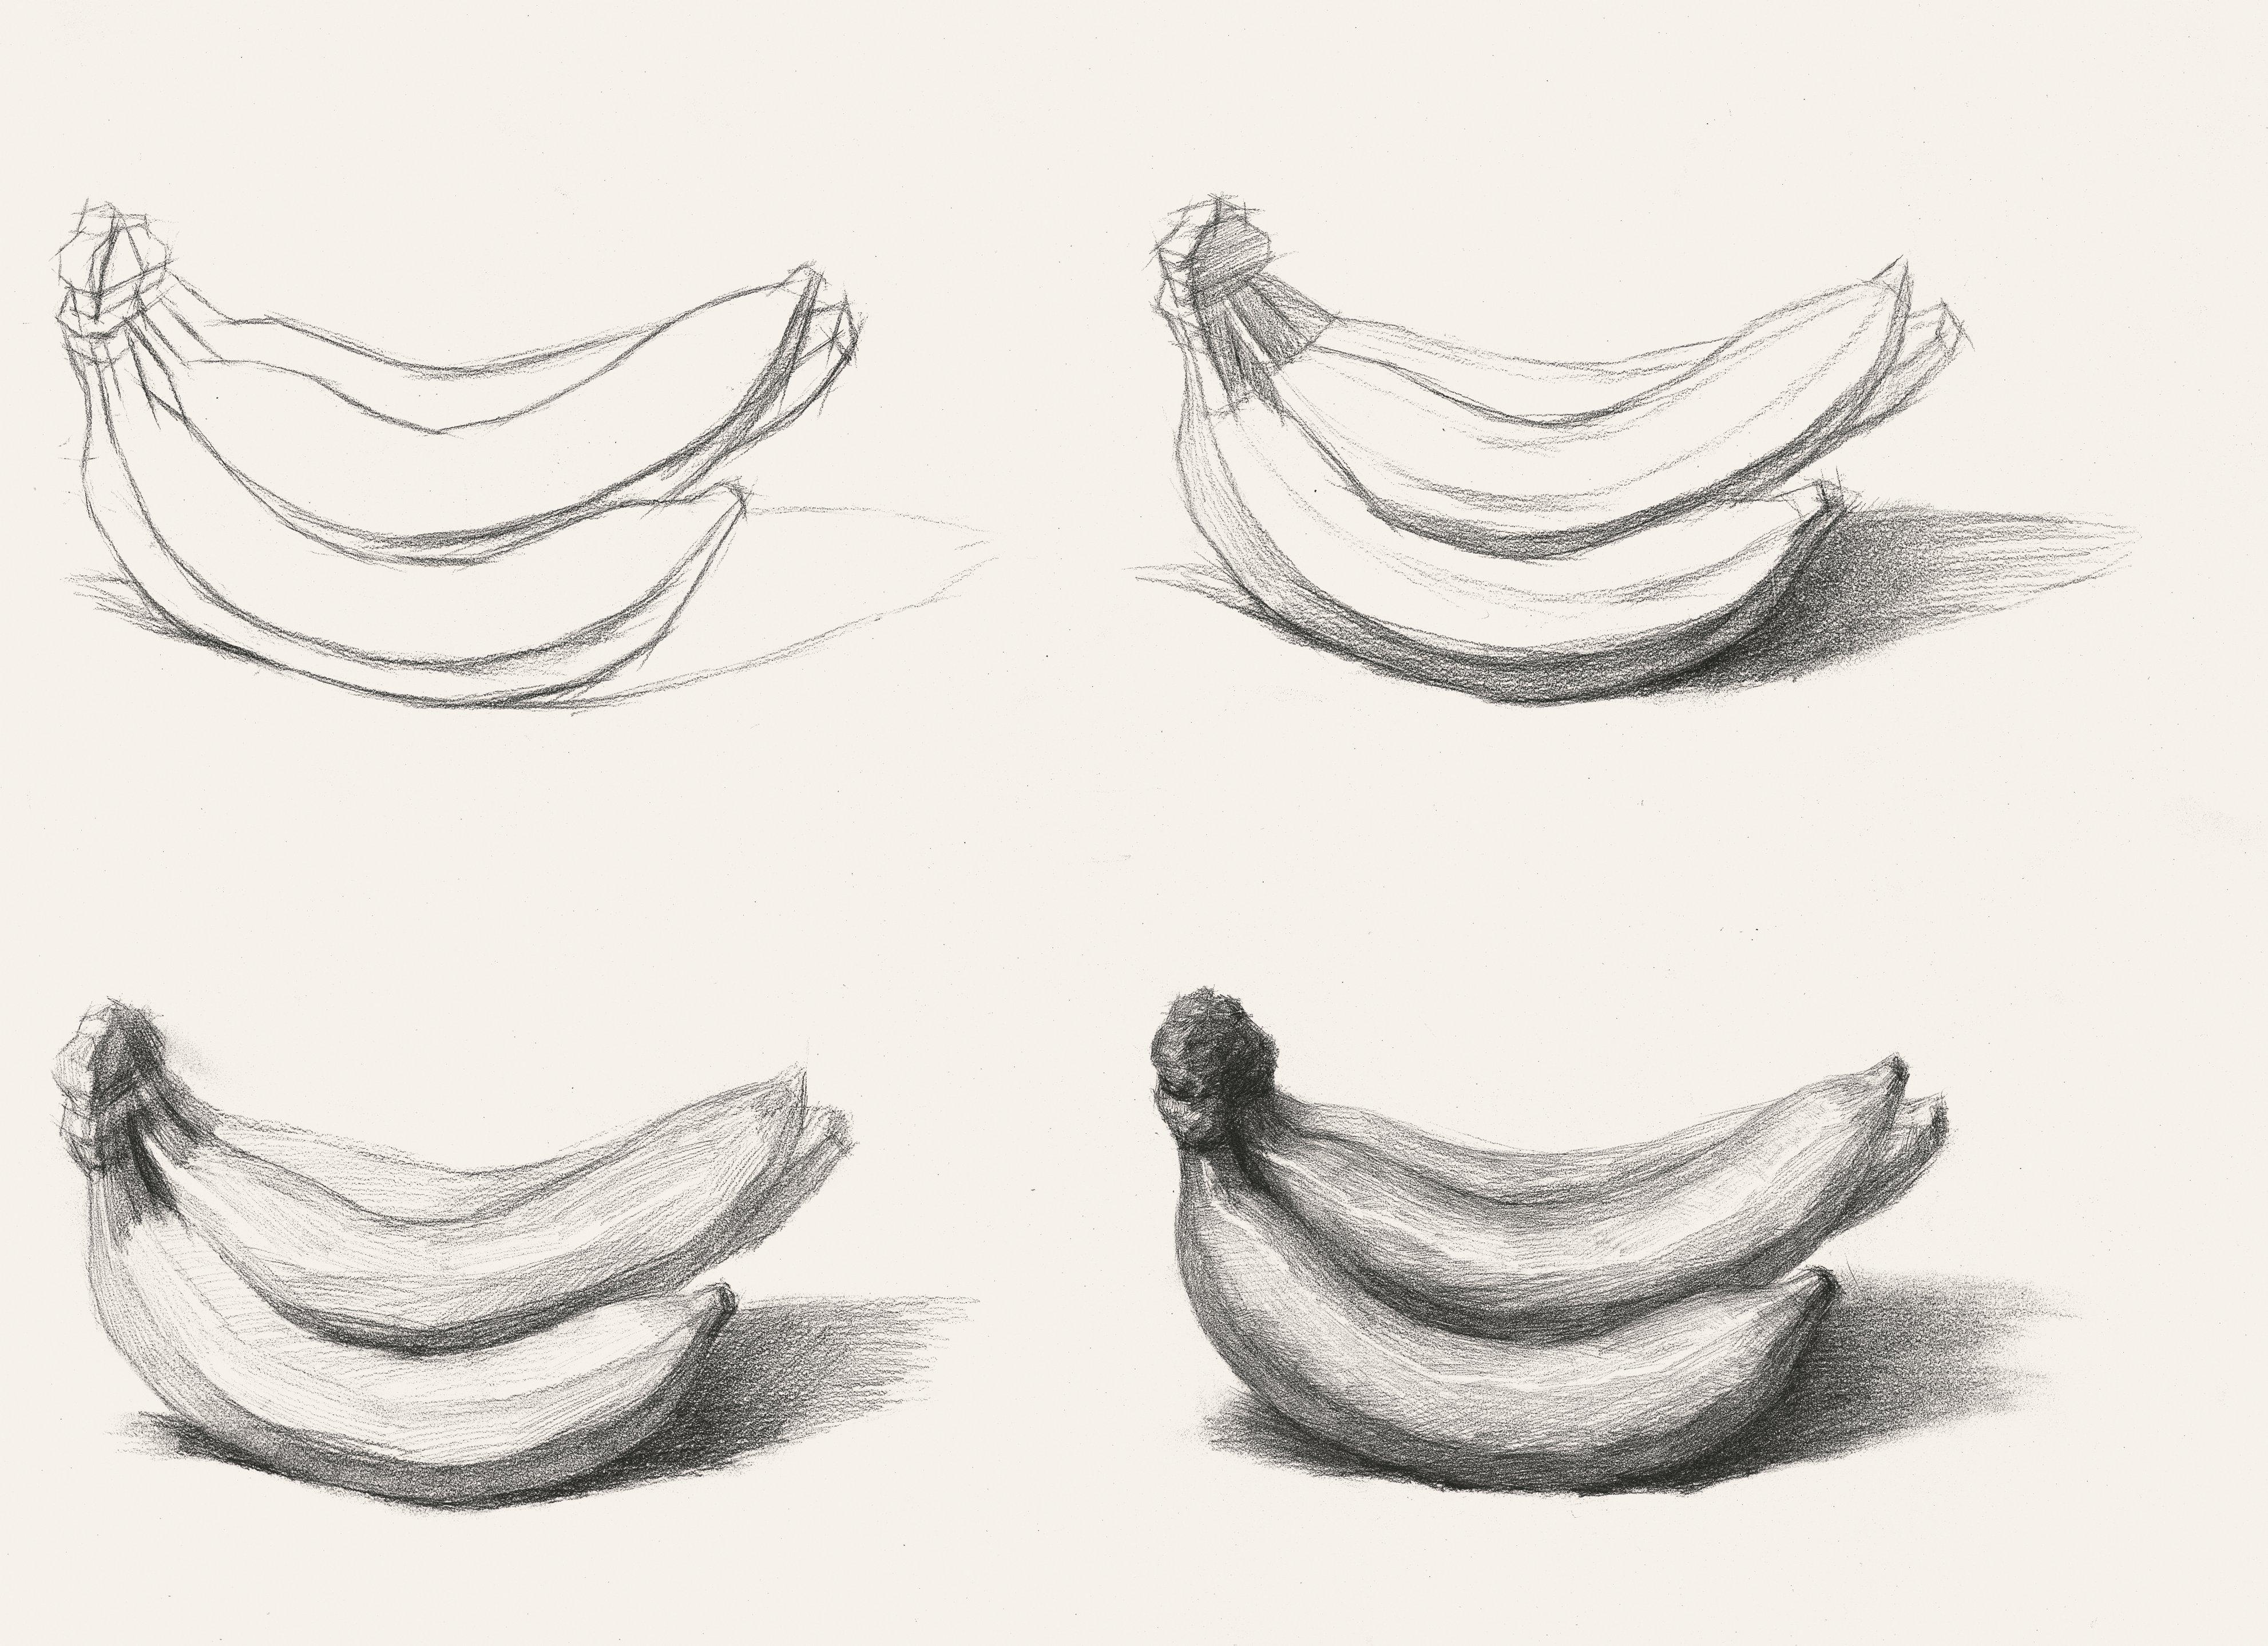 素描静物步骤图 素描香蕉 香蕉